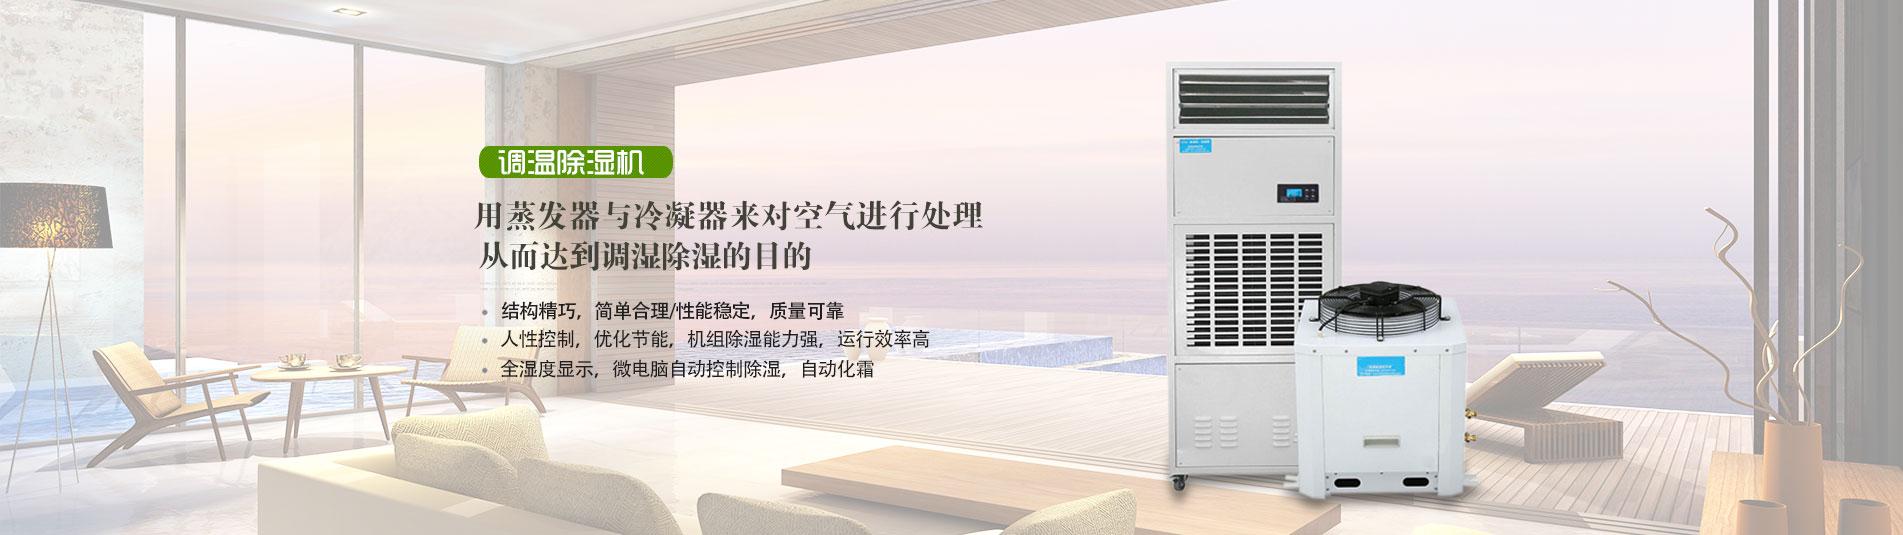 苏州源杰环保科技有限公司